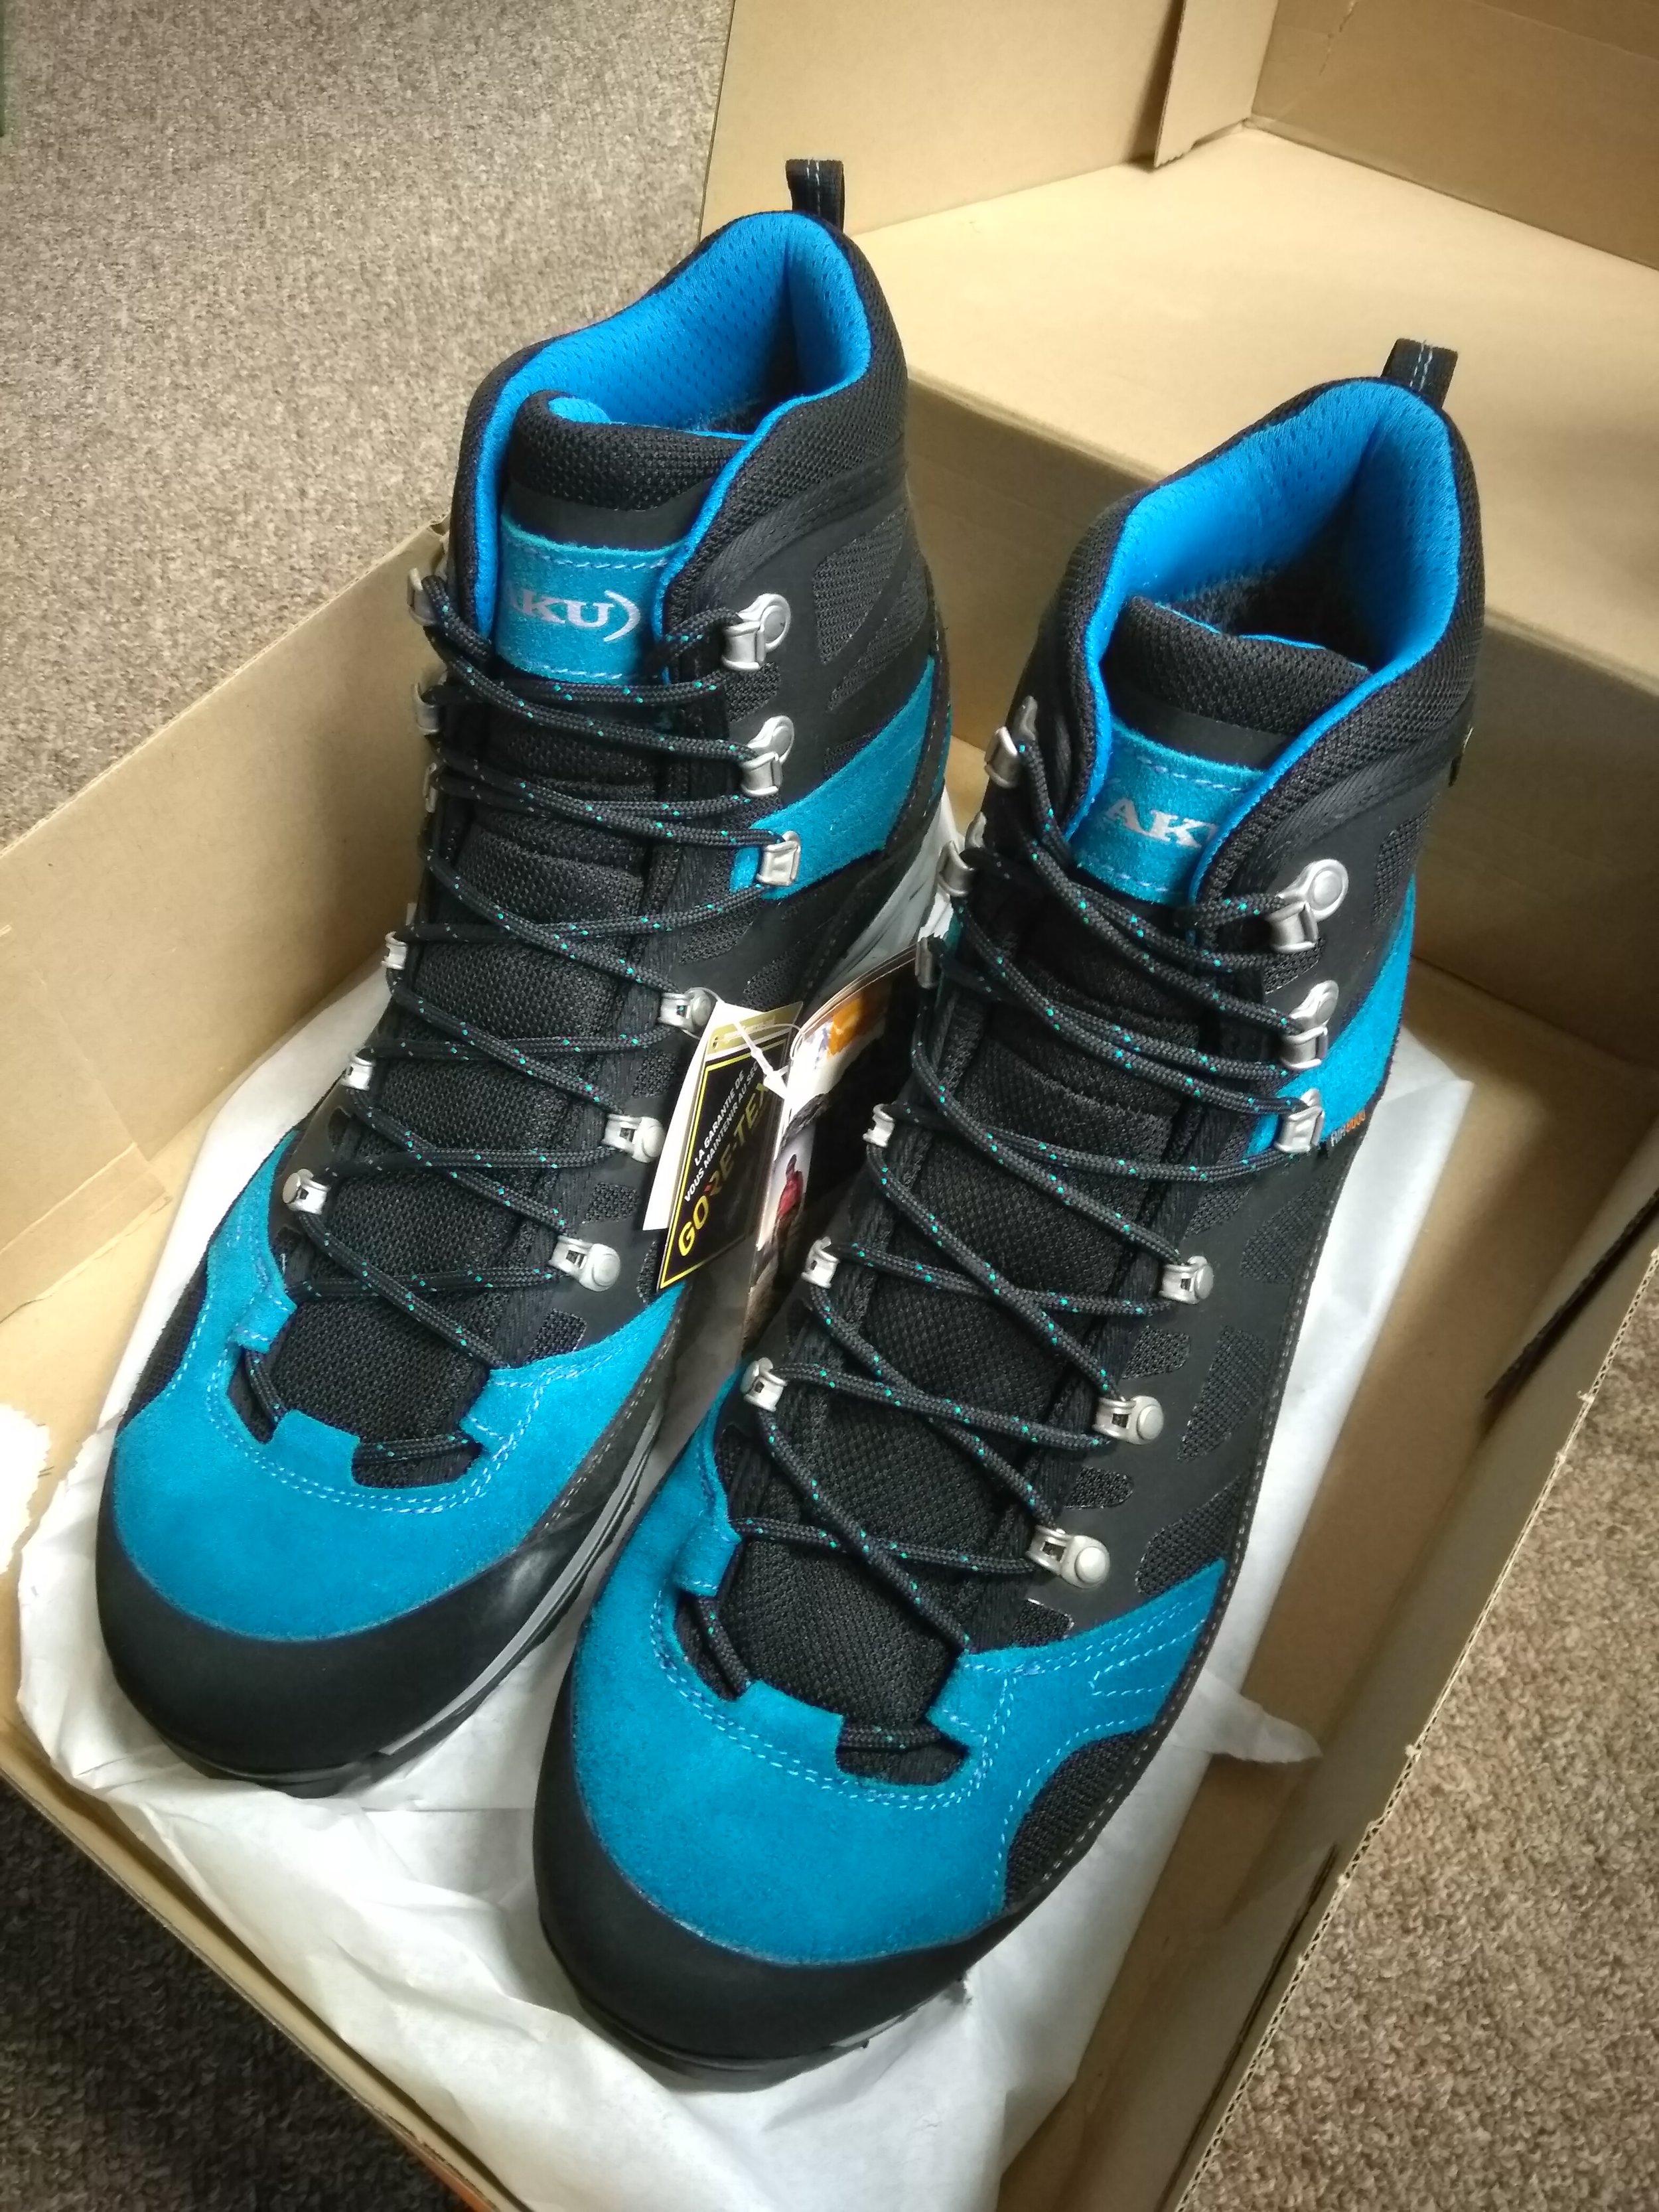 Aku Alterra GTX Boots